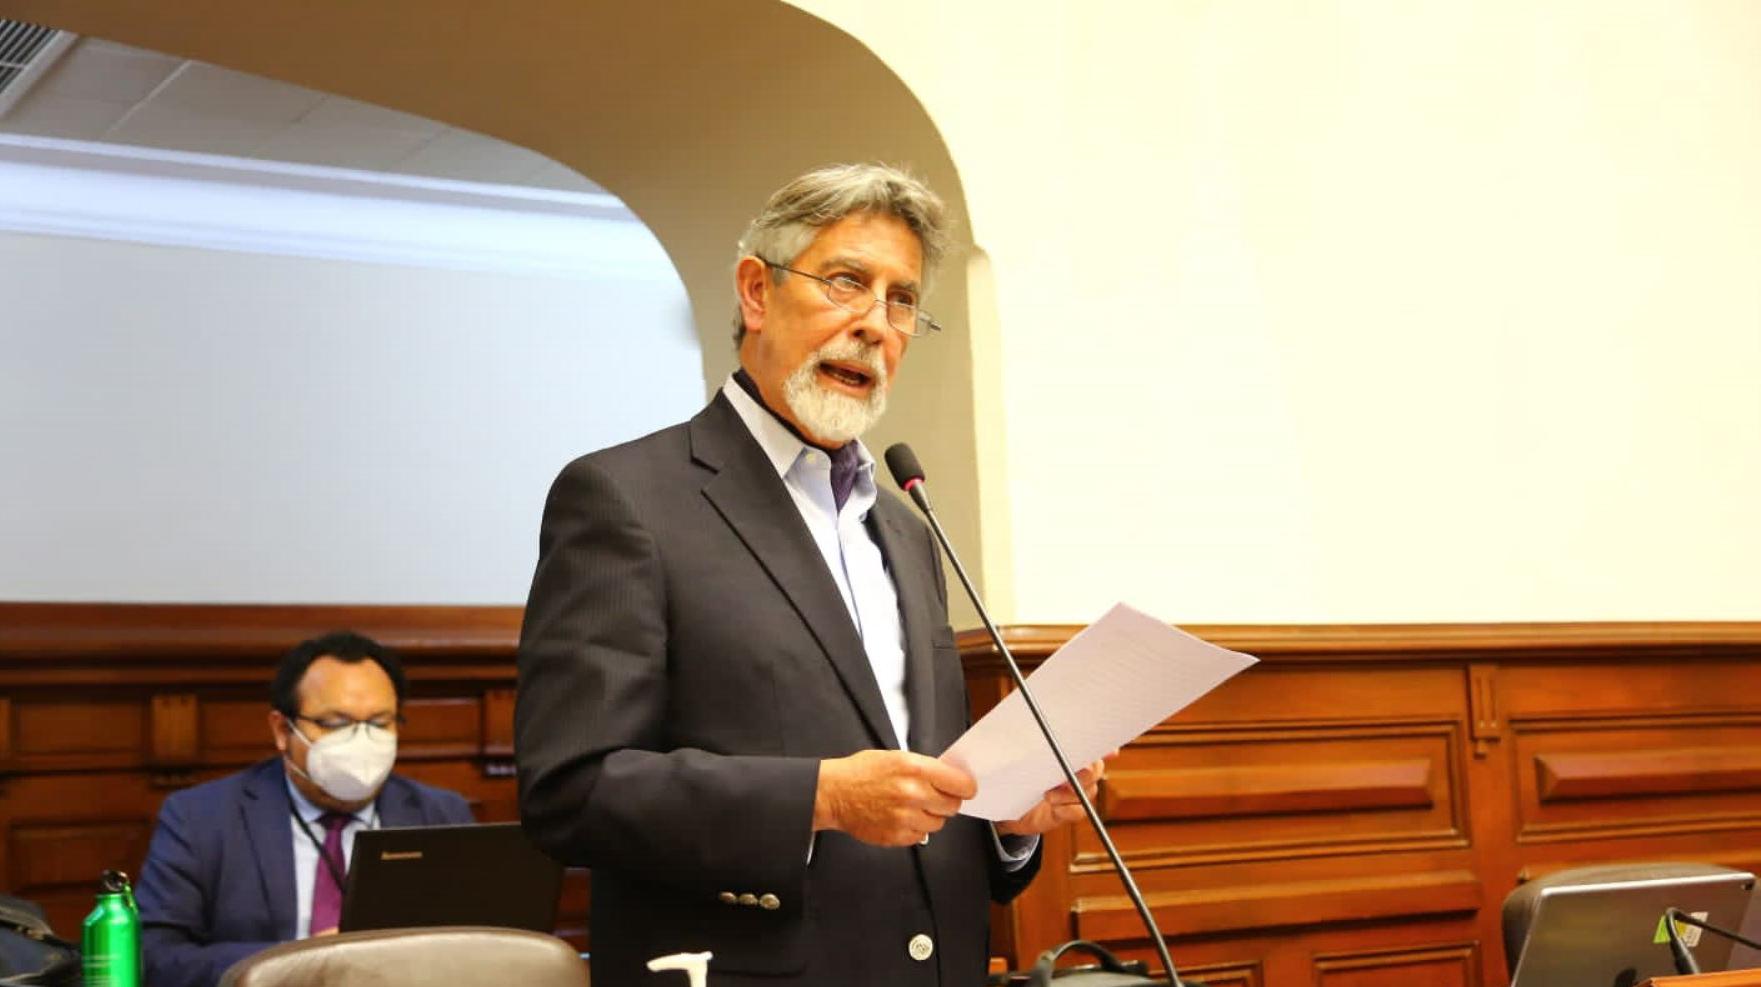 Congreso de Perú elige nuevo presidente interino